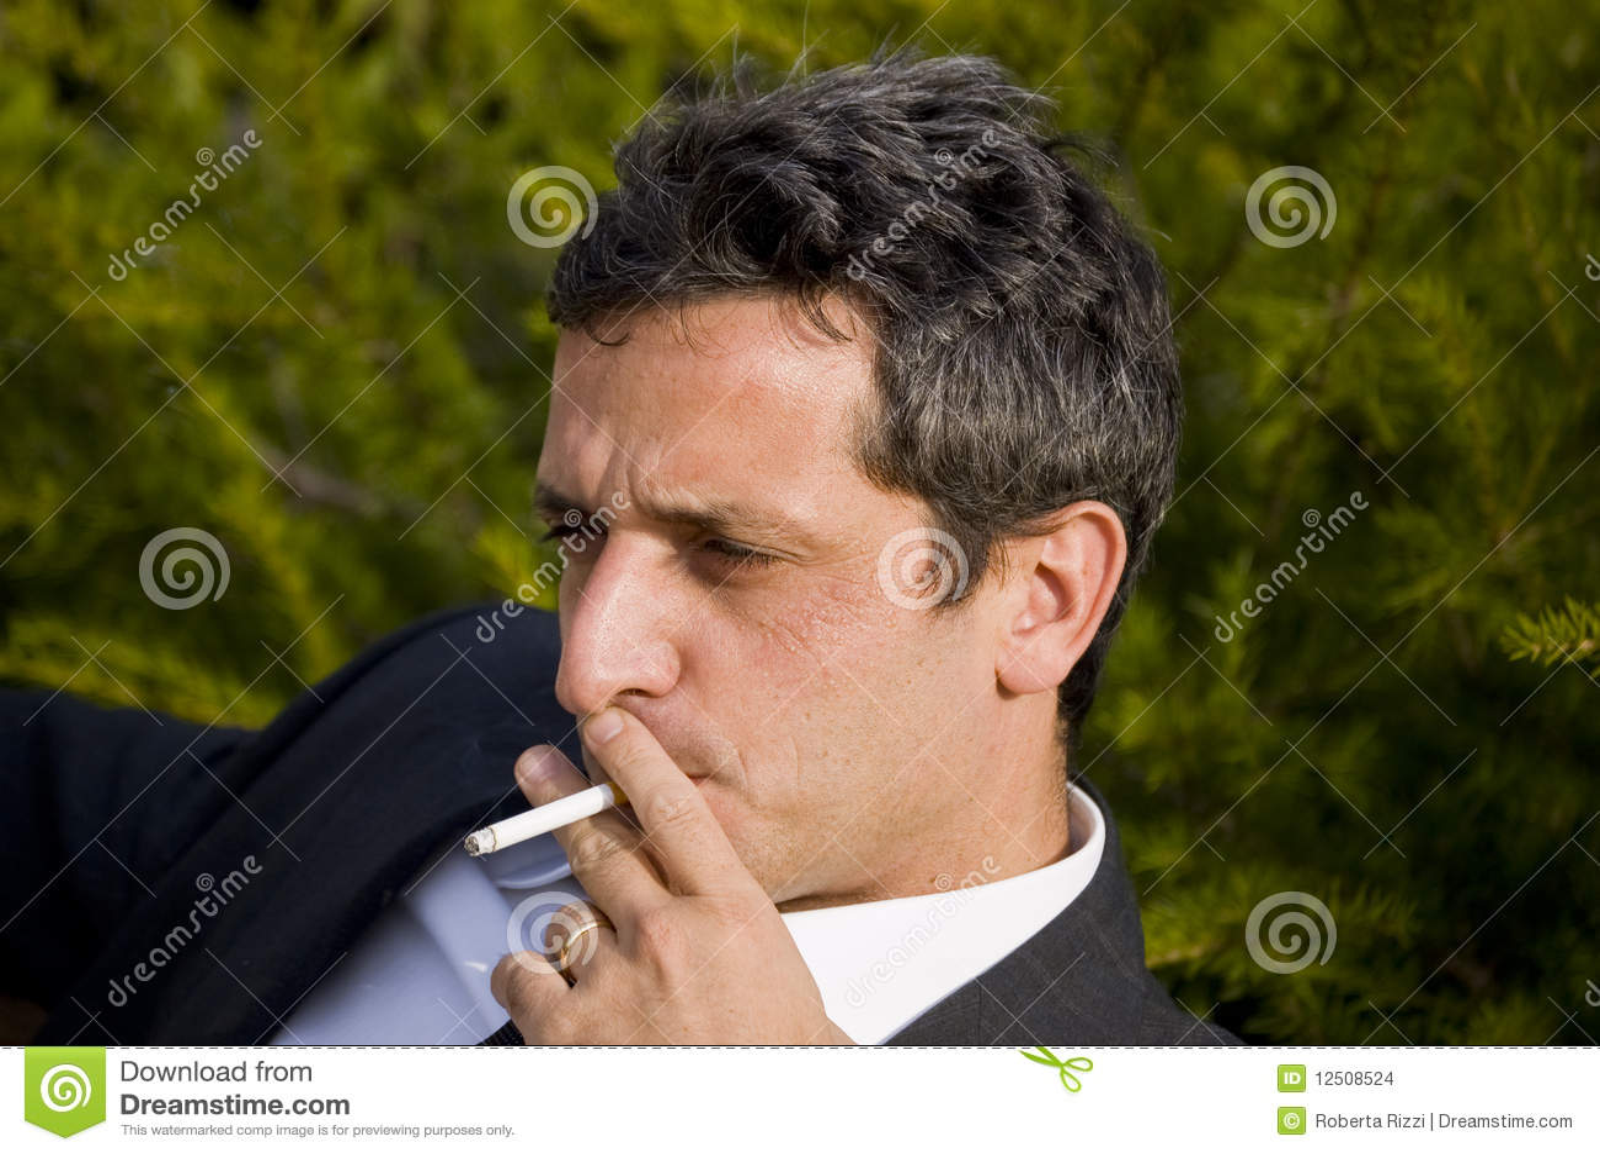 Smoking Man Stock Images Image 12508524